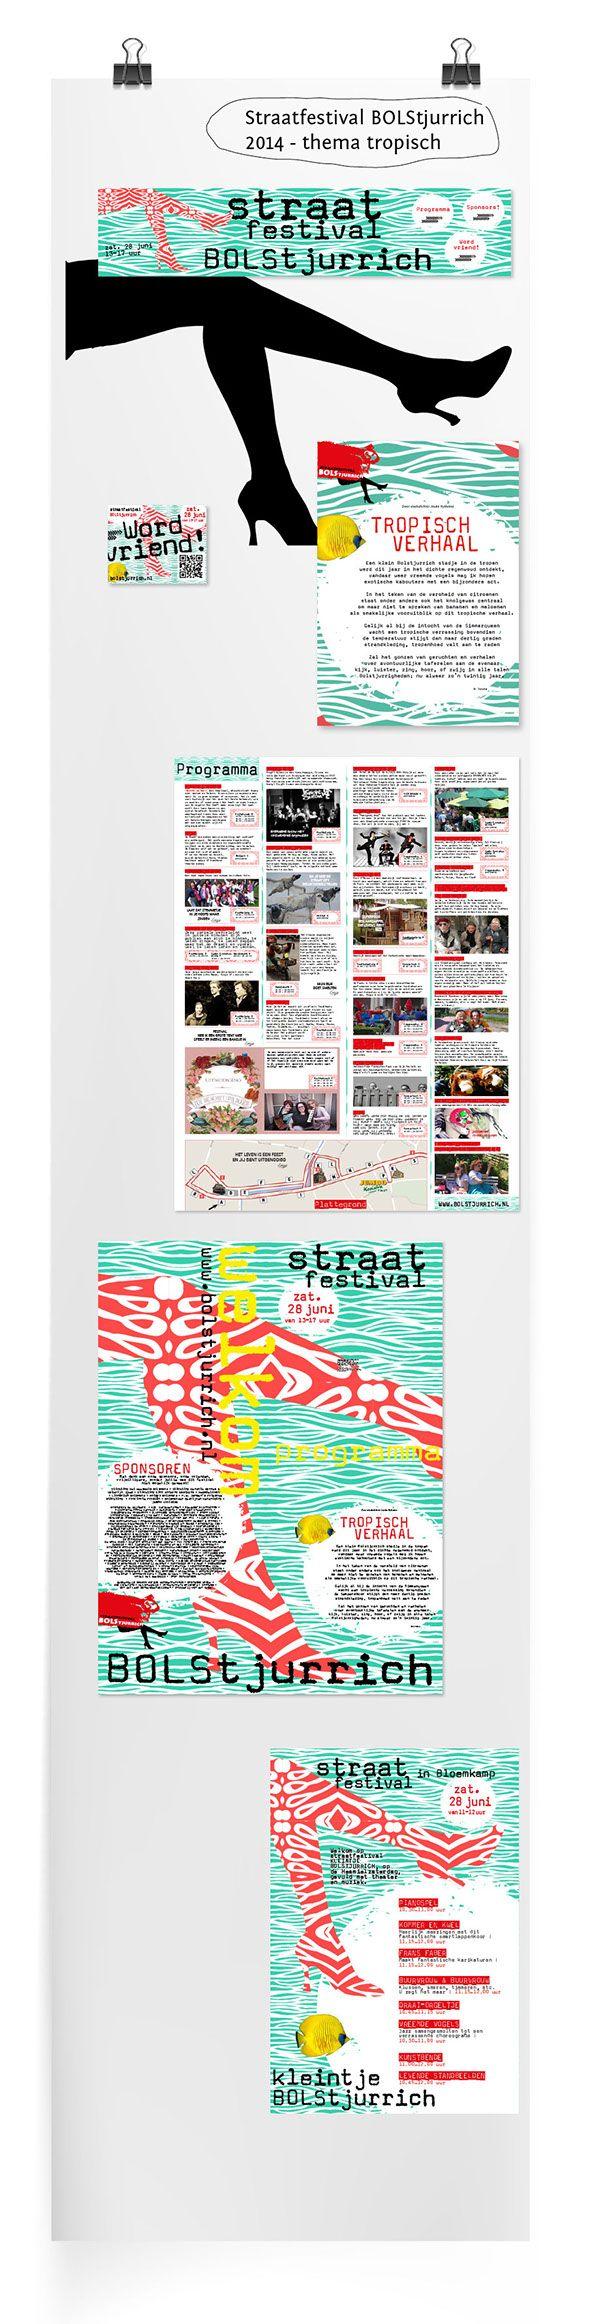 Ontwerp 2014 Straatfestival BOLStjurrich on Behance